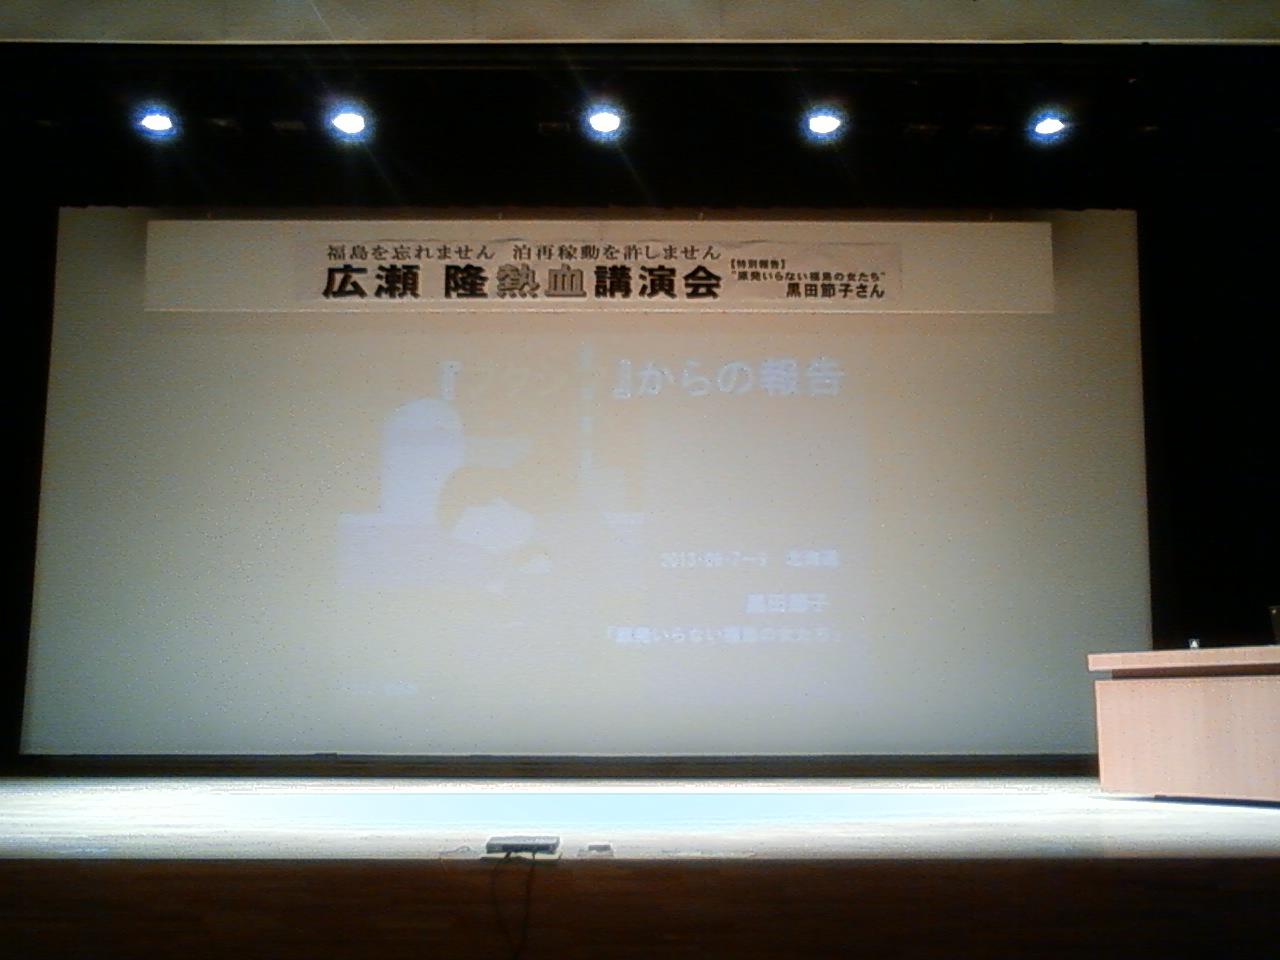 広瀬隆講演会